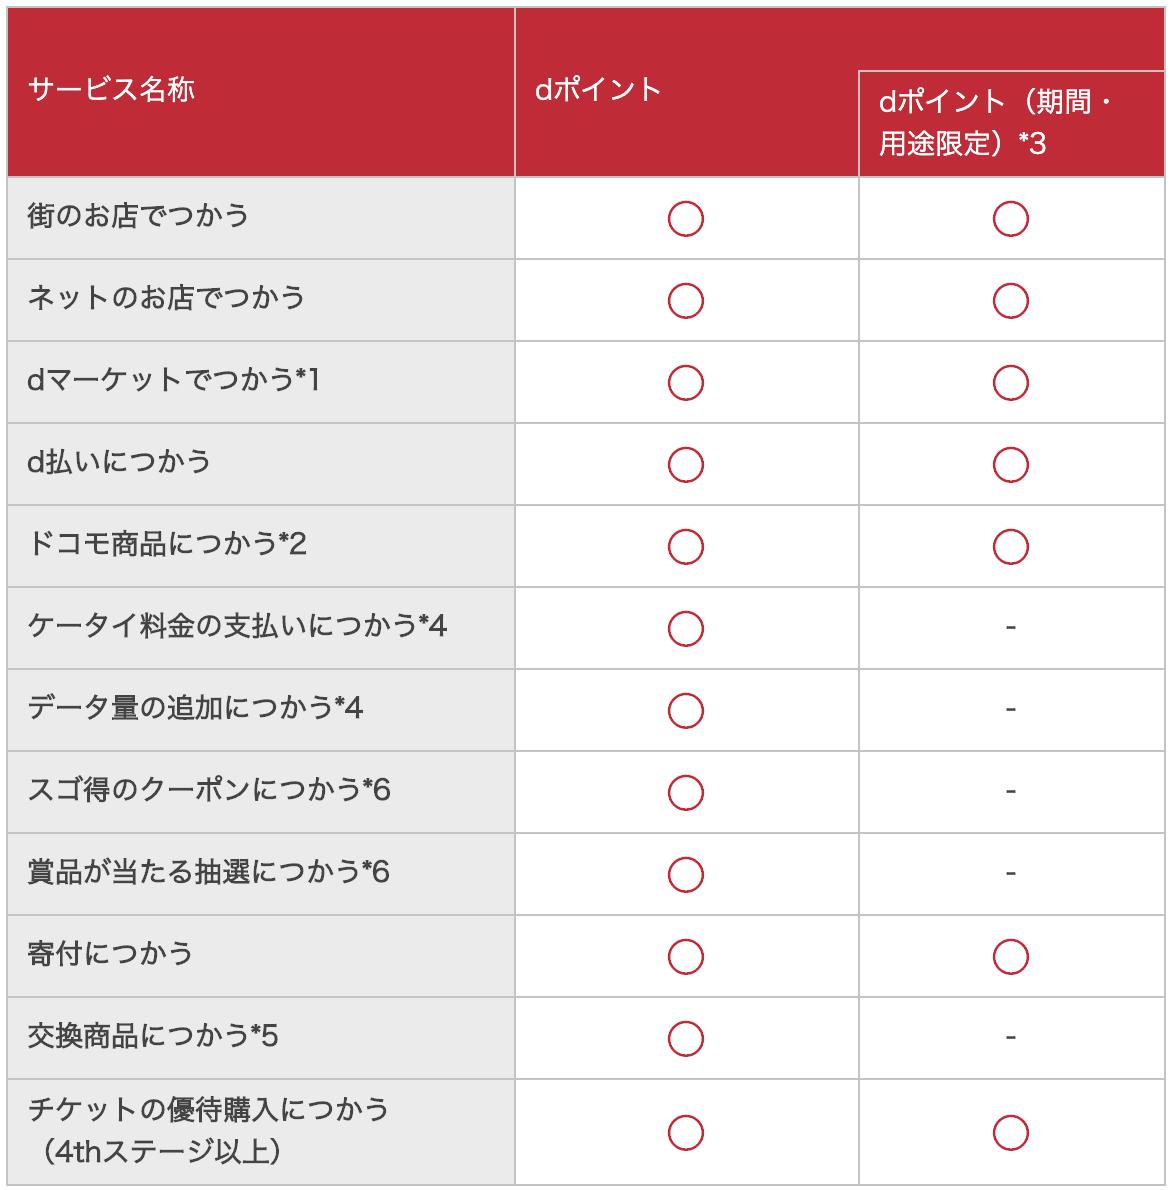 dポイント(期間・用途限定)の制限比較図